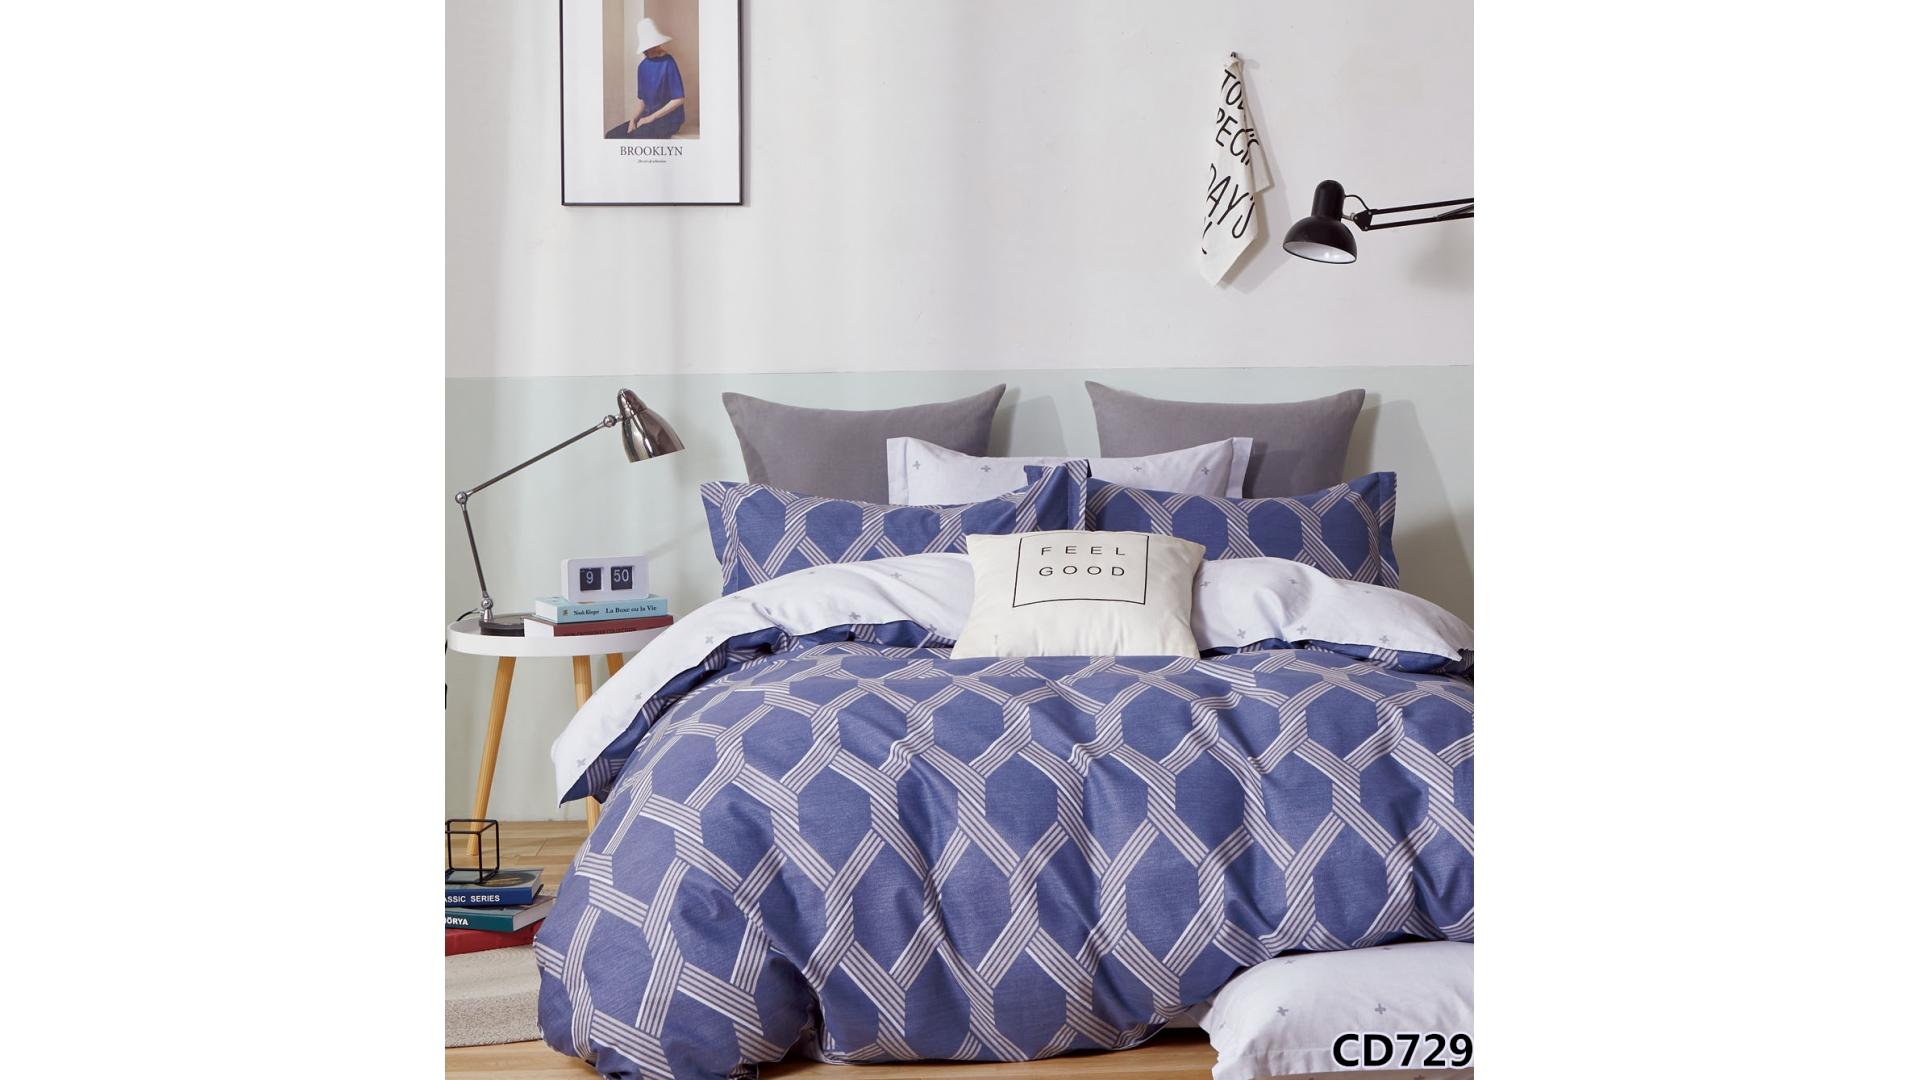 Комплект постельного белья Арлет (CD729)  фото FullHD (0)